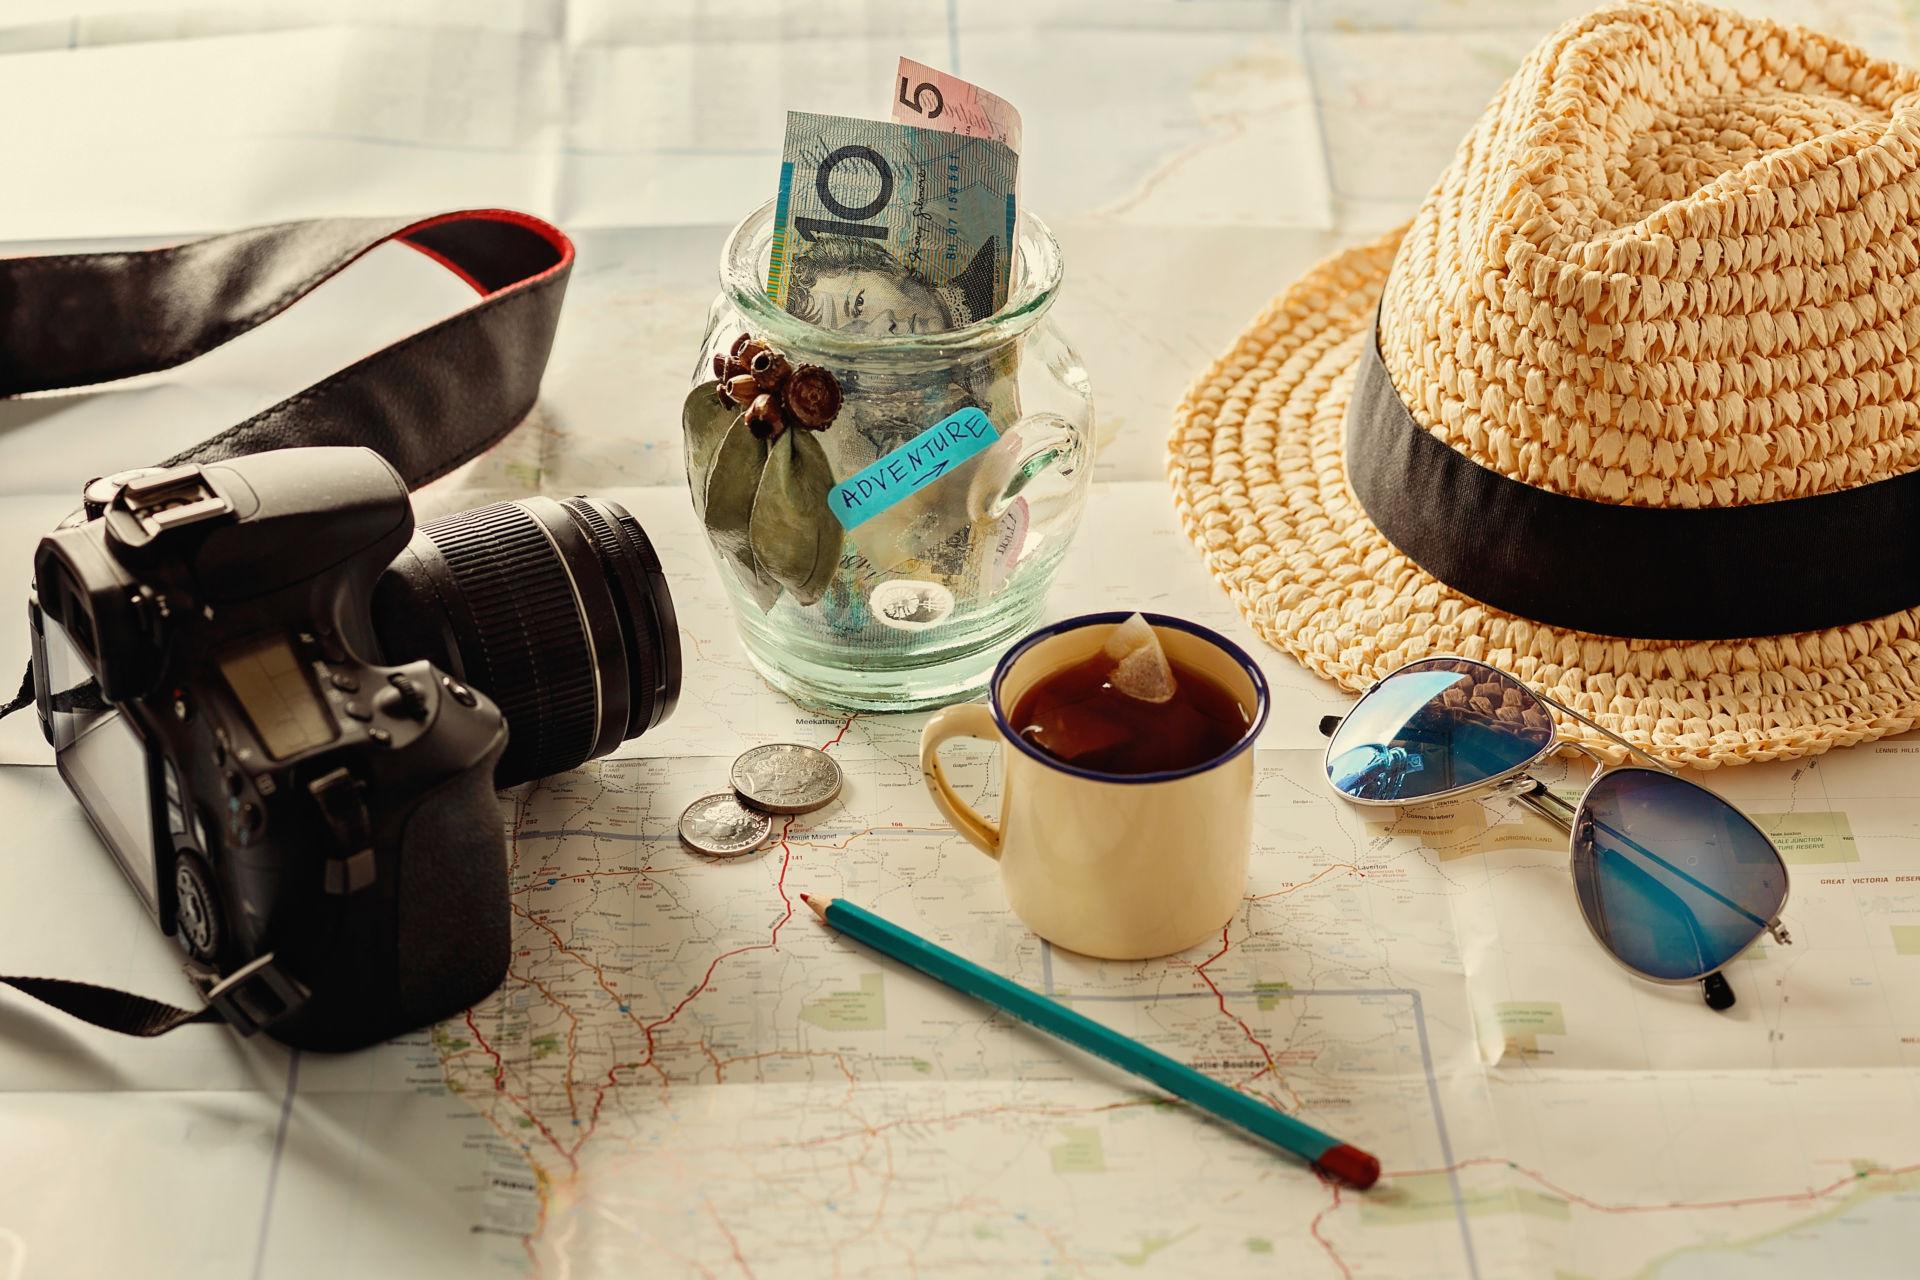 Matkavakuutus auttaa, jos matkustaessa sattuu jotain odottamatonta.